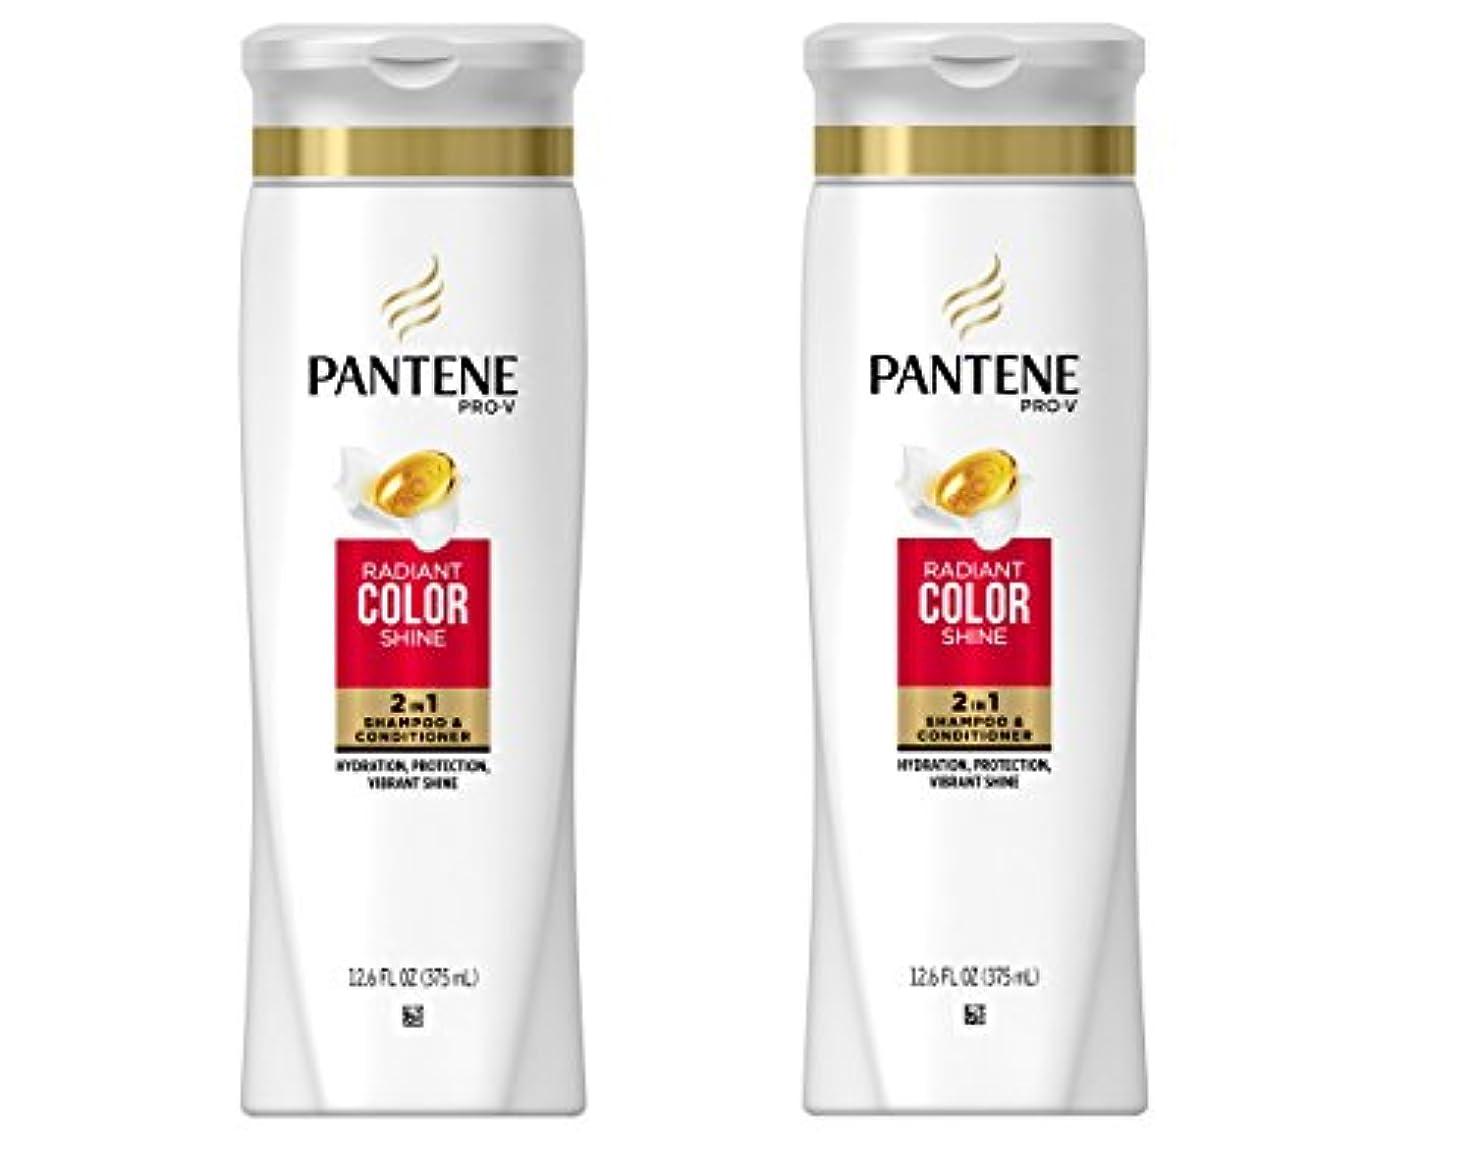 永遠のホップ子供時代Pantene プロVラディアン色鮮やかな輝きを放つドリームケアの2in1シャンプー&コンディショナーシャイン12.6オズ(2パック) 12.6オンス(2パック) プロV色リバイバル磨きの2in1シャンプーとコンディショナー